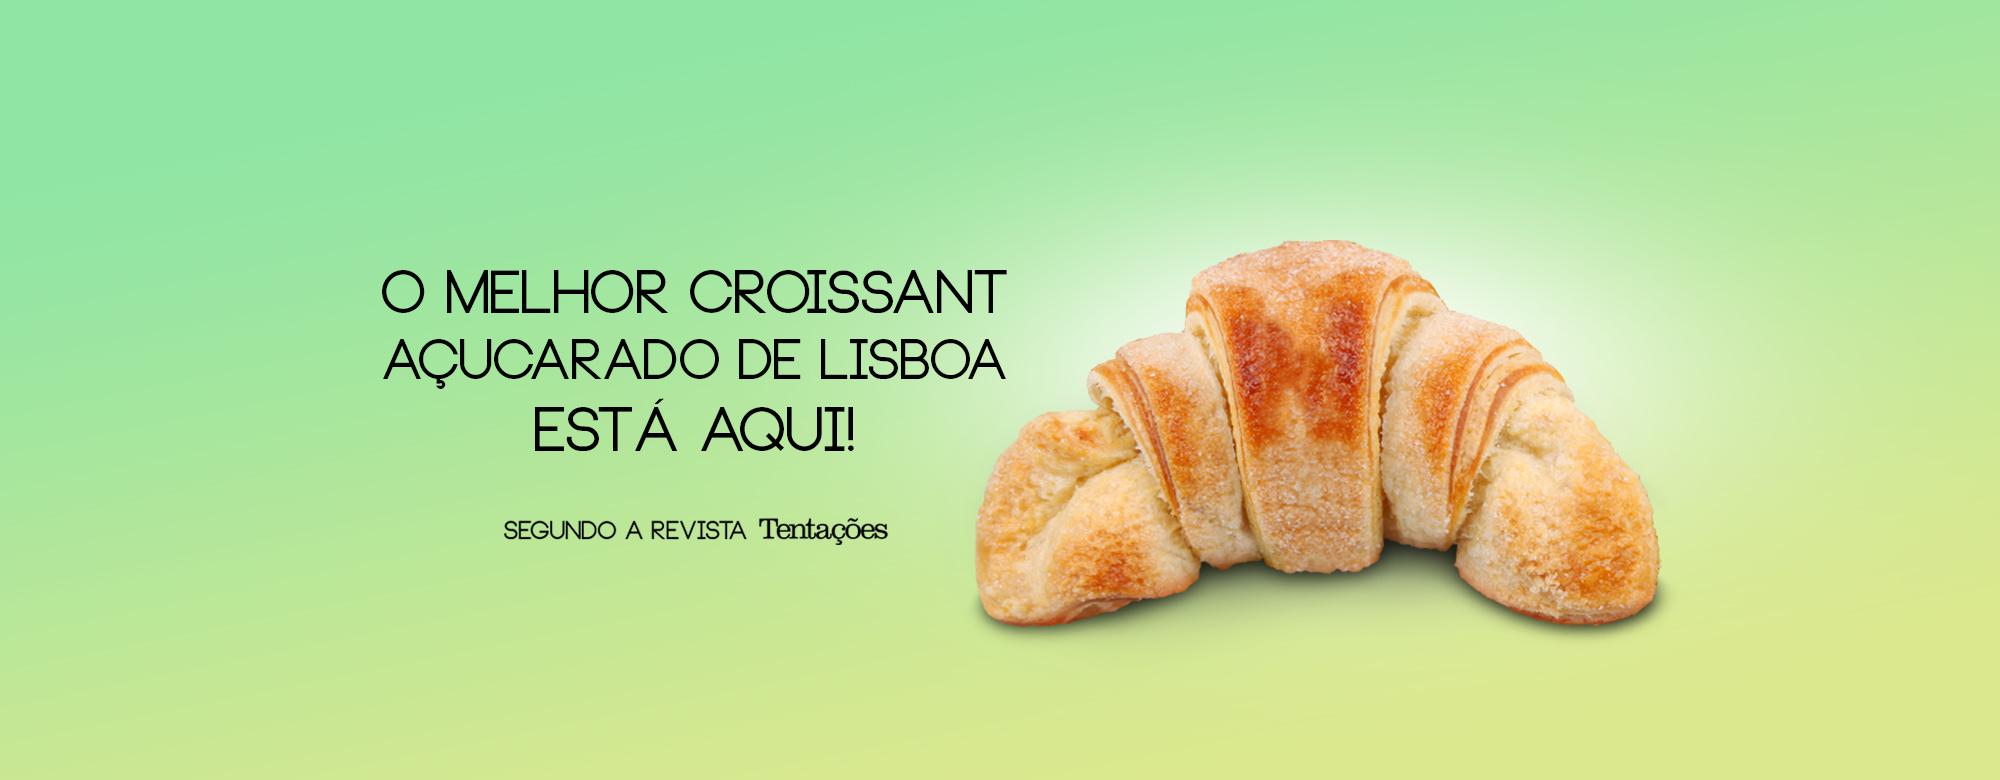 slider-croissant